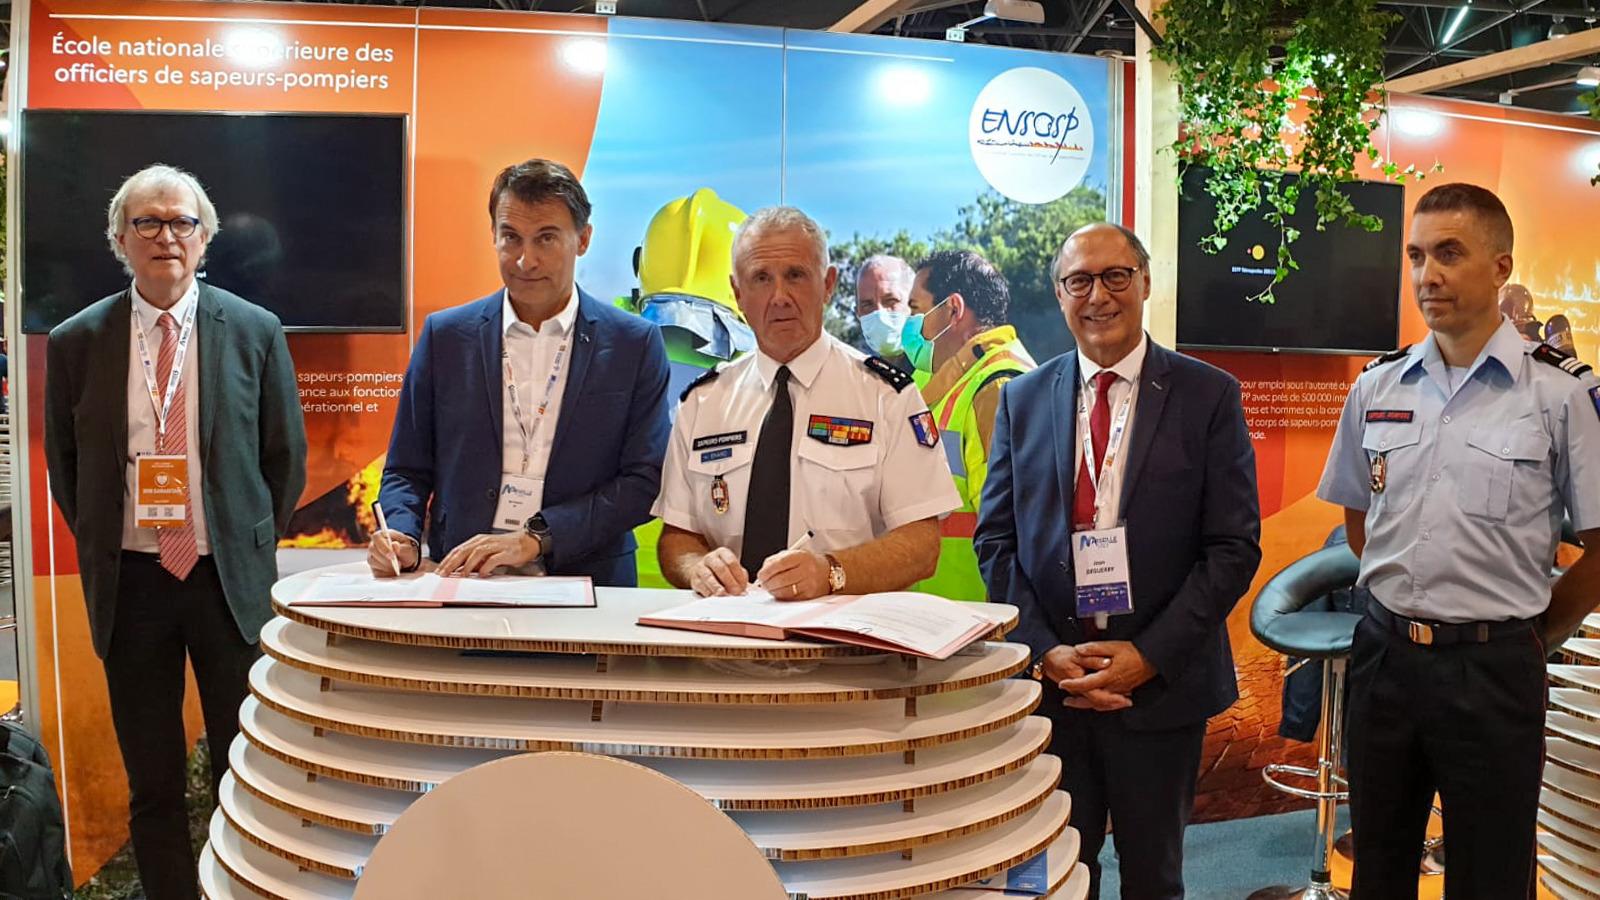 Congrés des sapeurs-pompiers - Marseille (3)